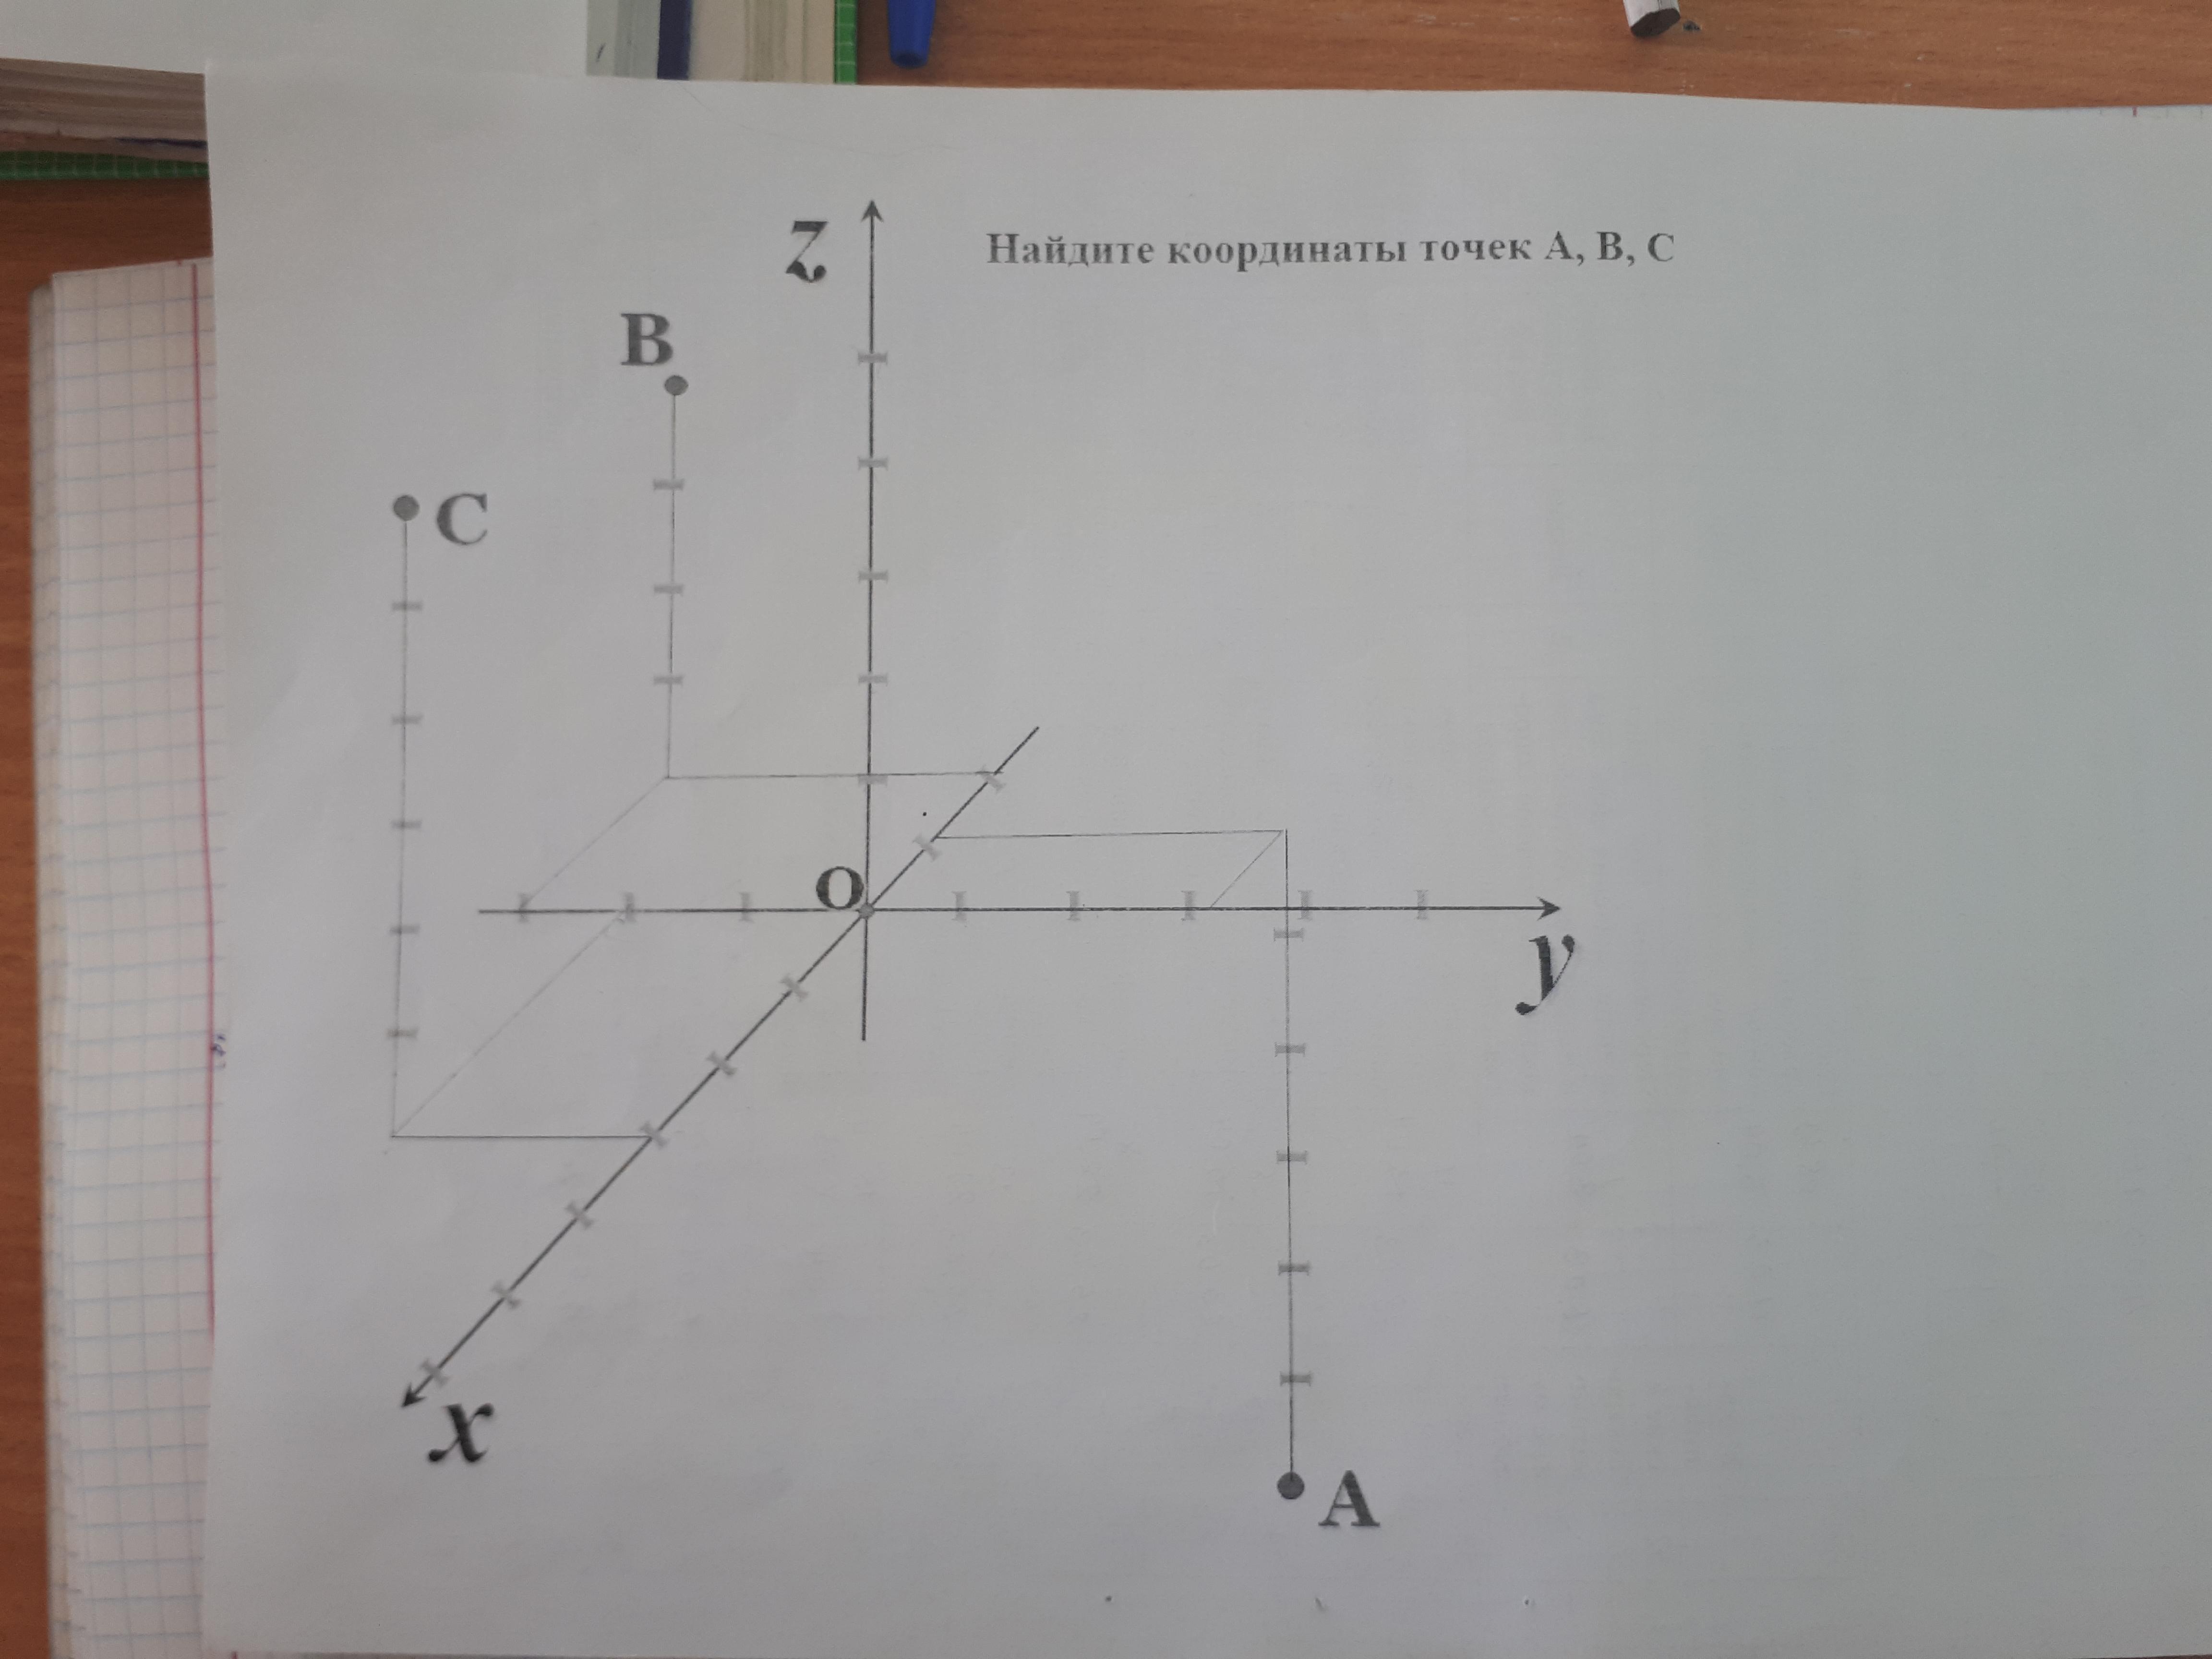 Ребят подскажите координаты точек